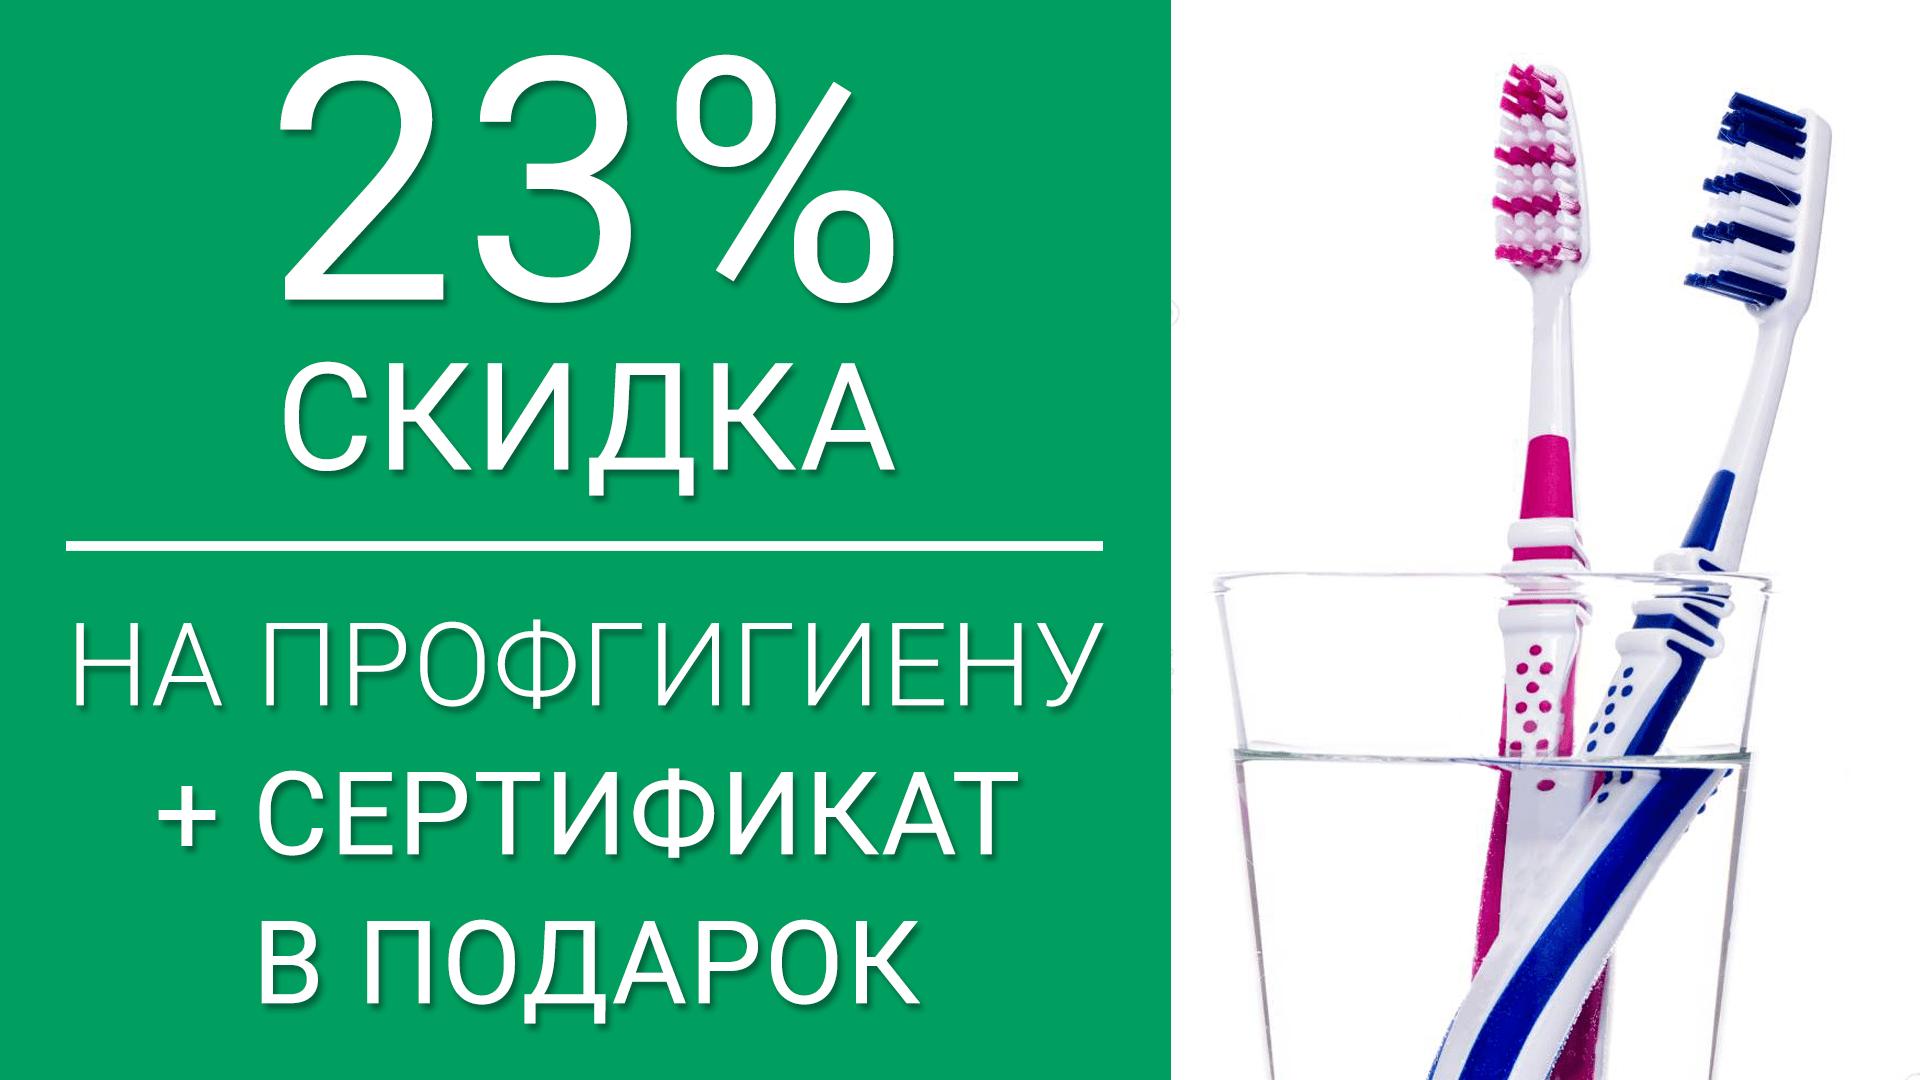 Скидка на гигиену -23% + сертификат в подарок в Коньково